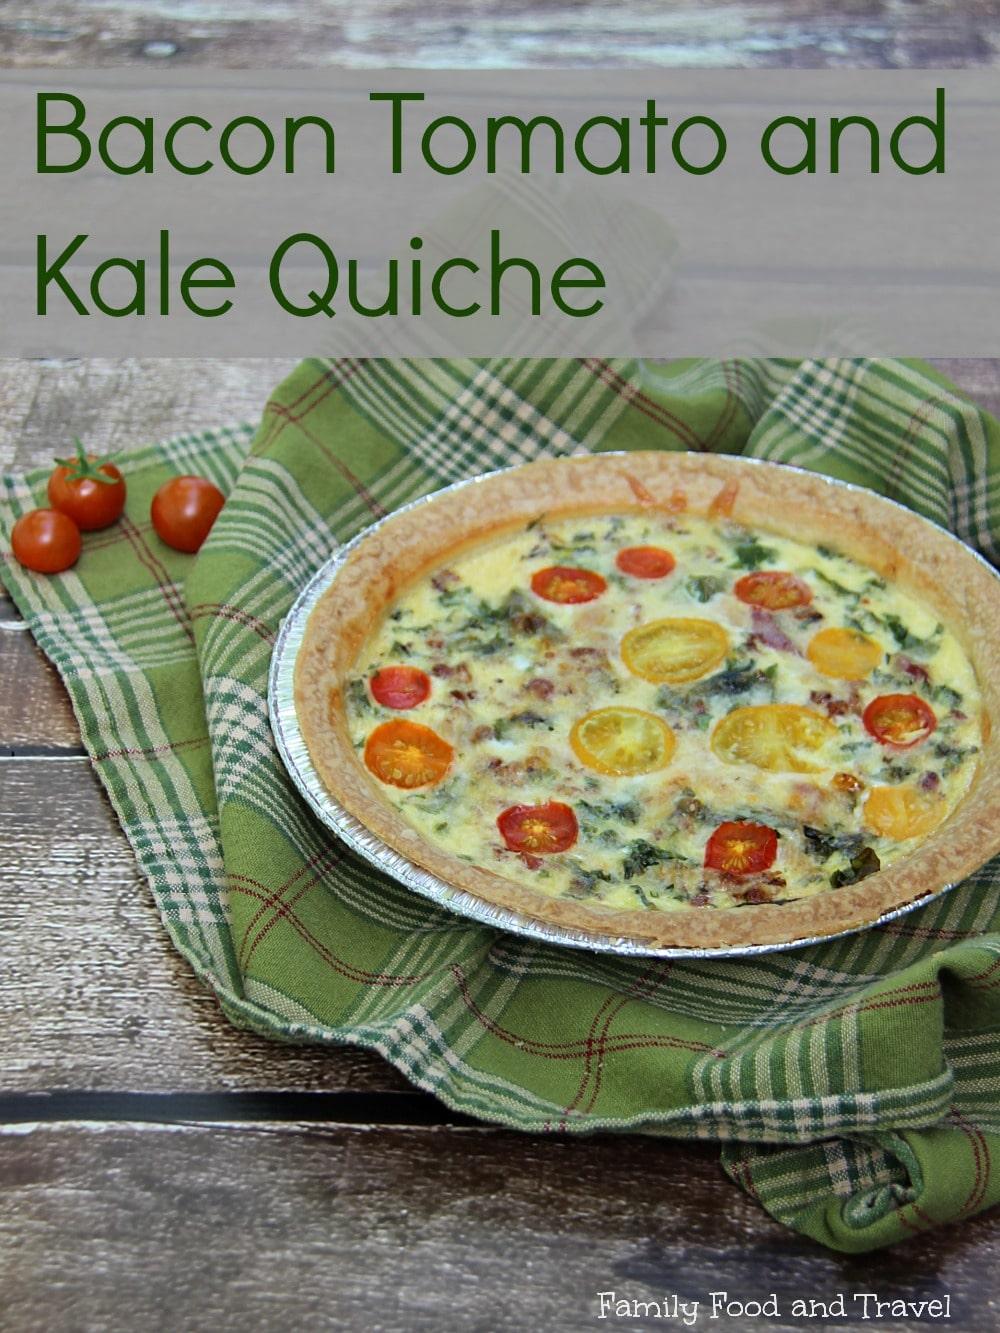 bacon tomato and kale quiche